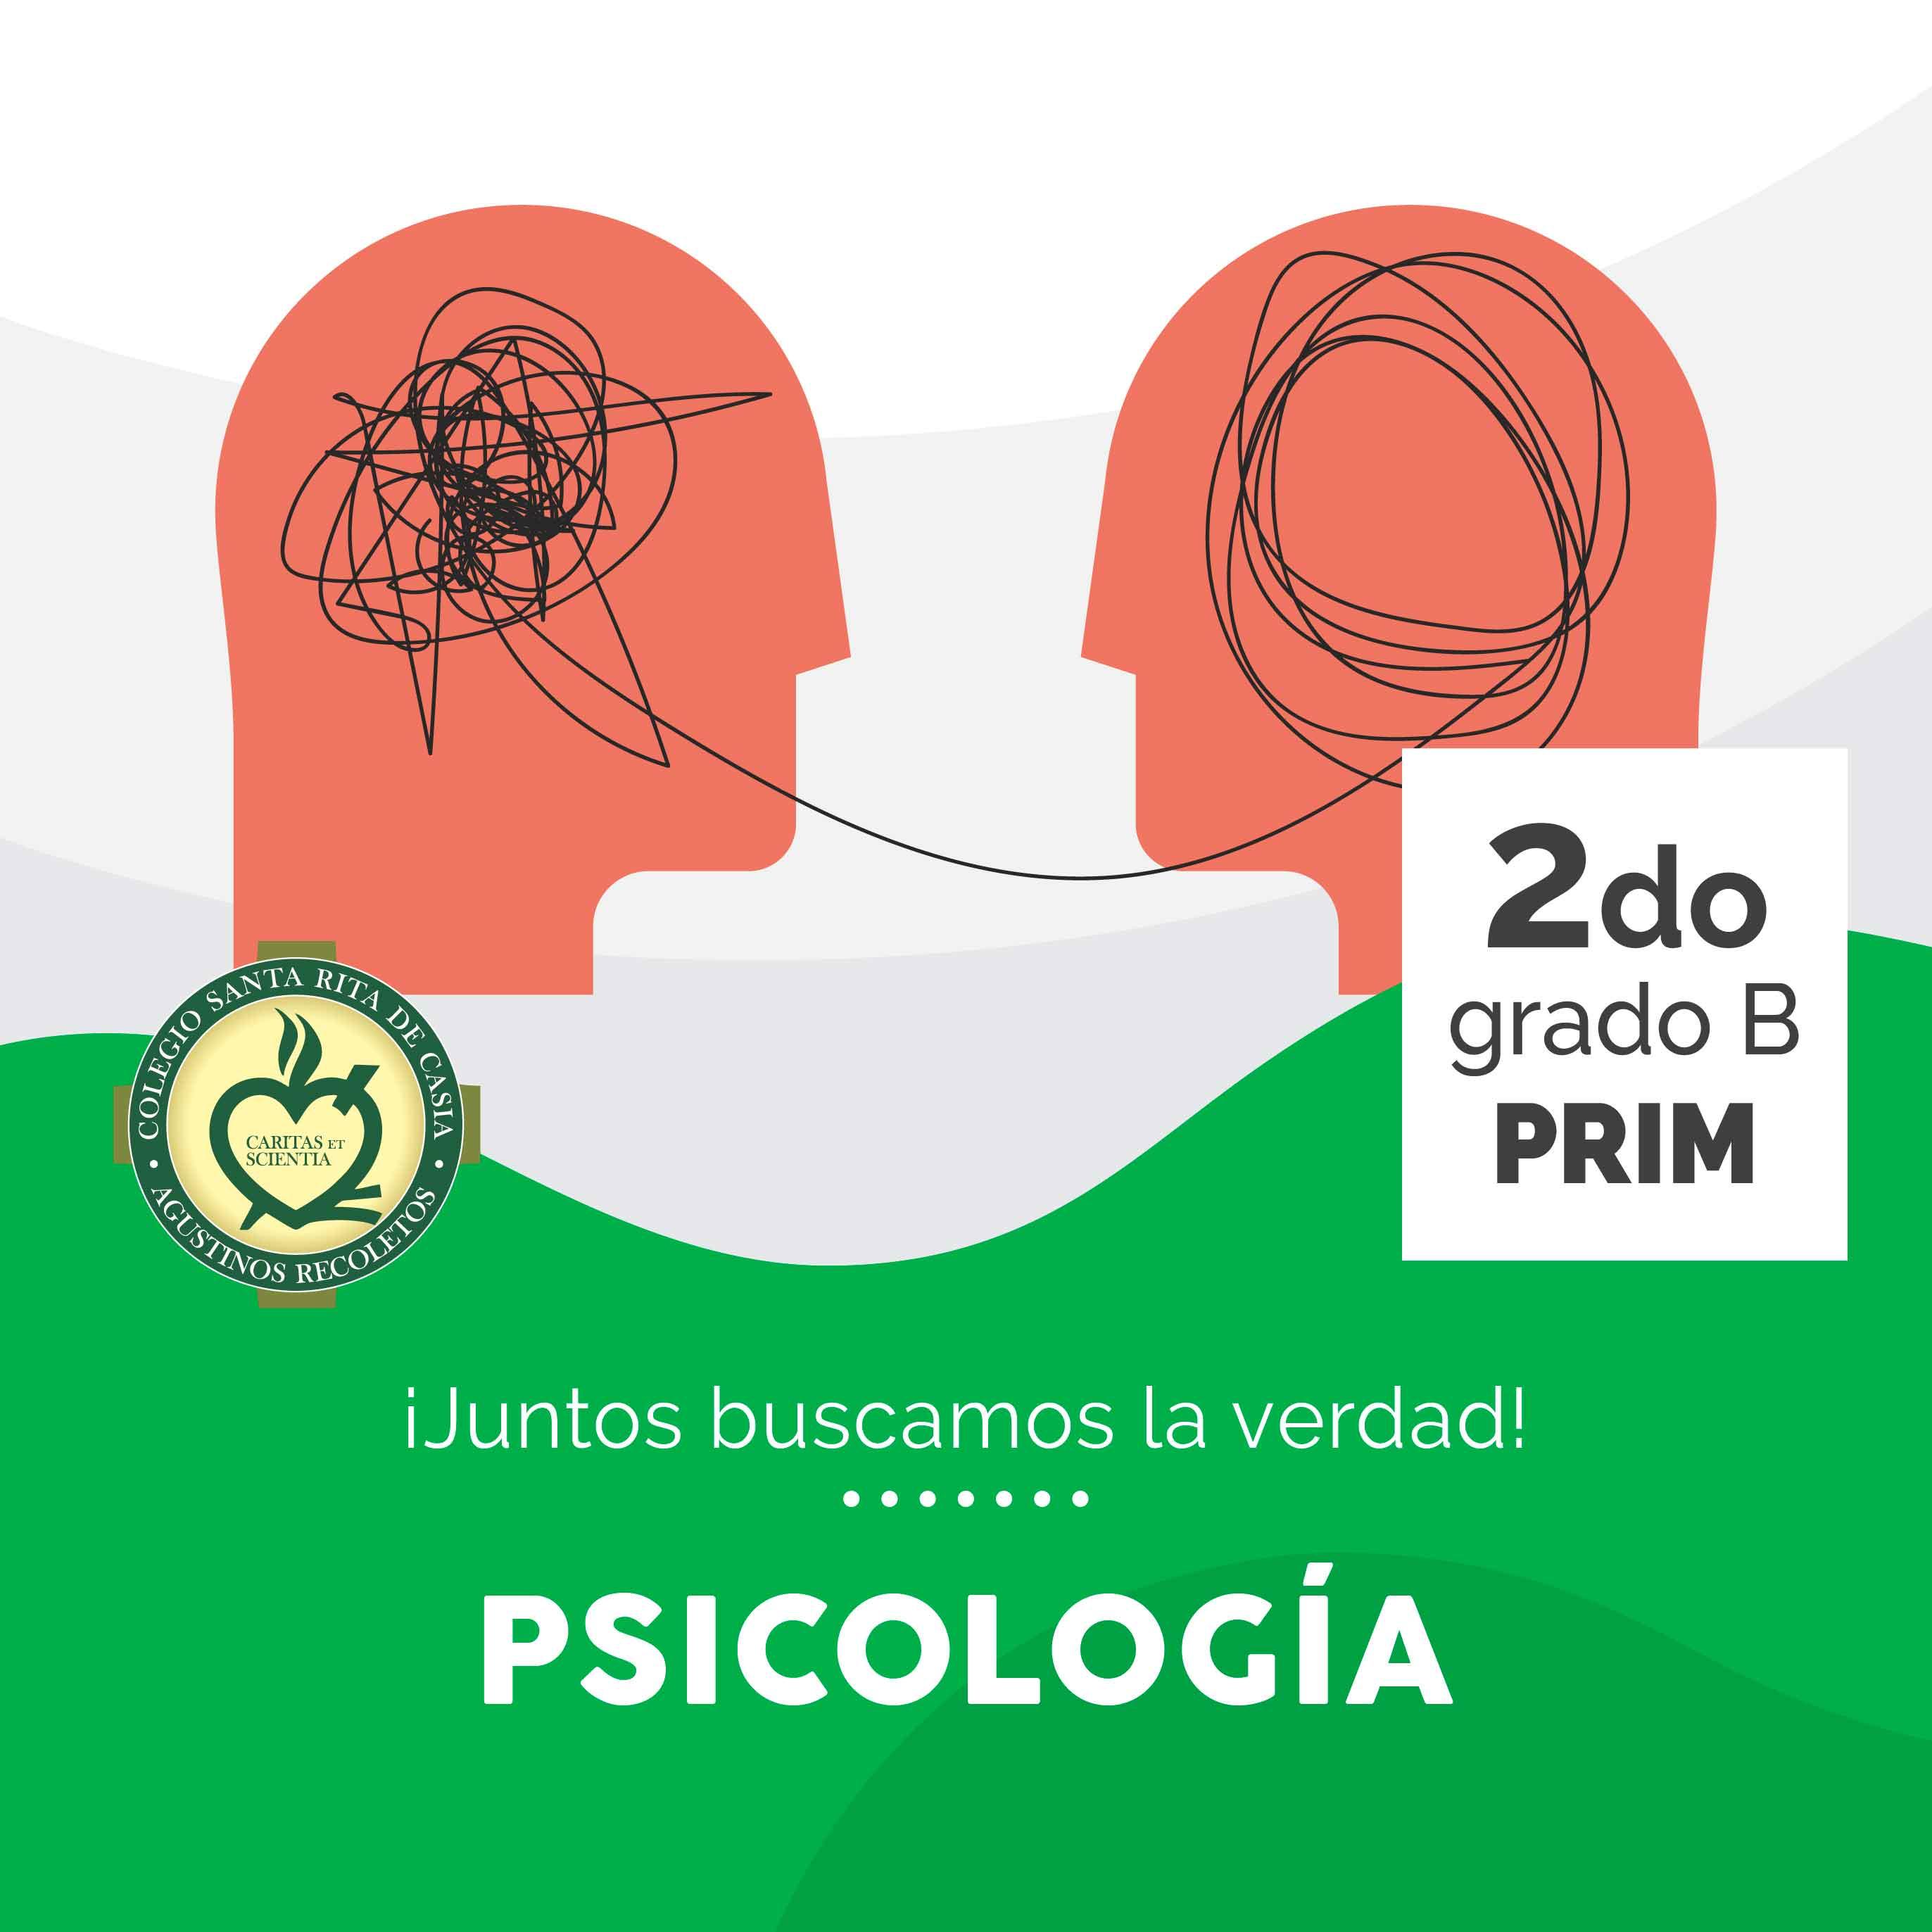 Psicología 2do Grado B